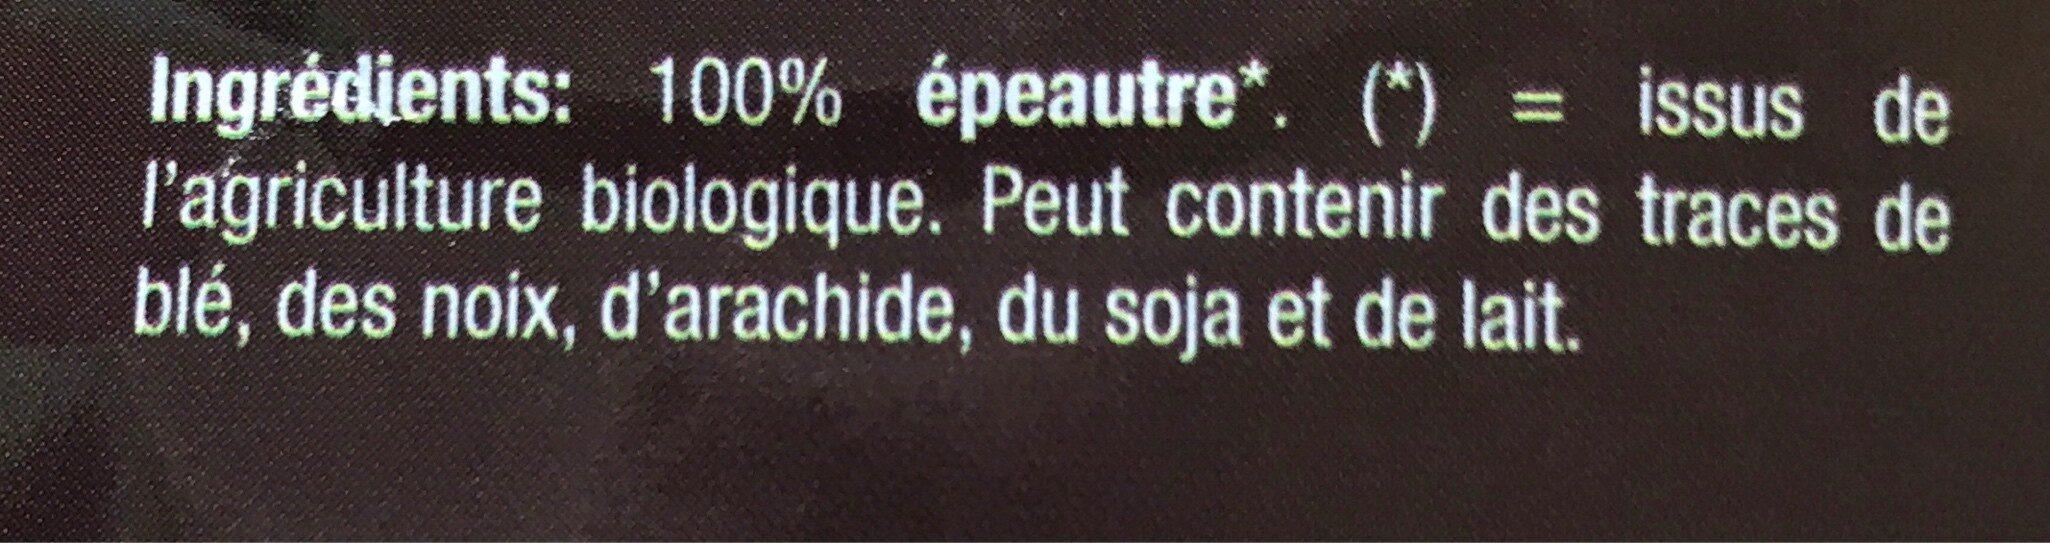 Flocons d'épeautre - Ingredients